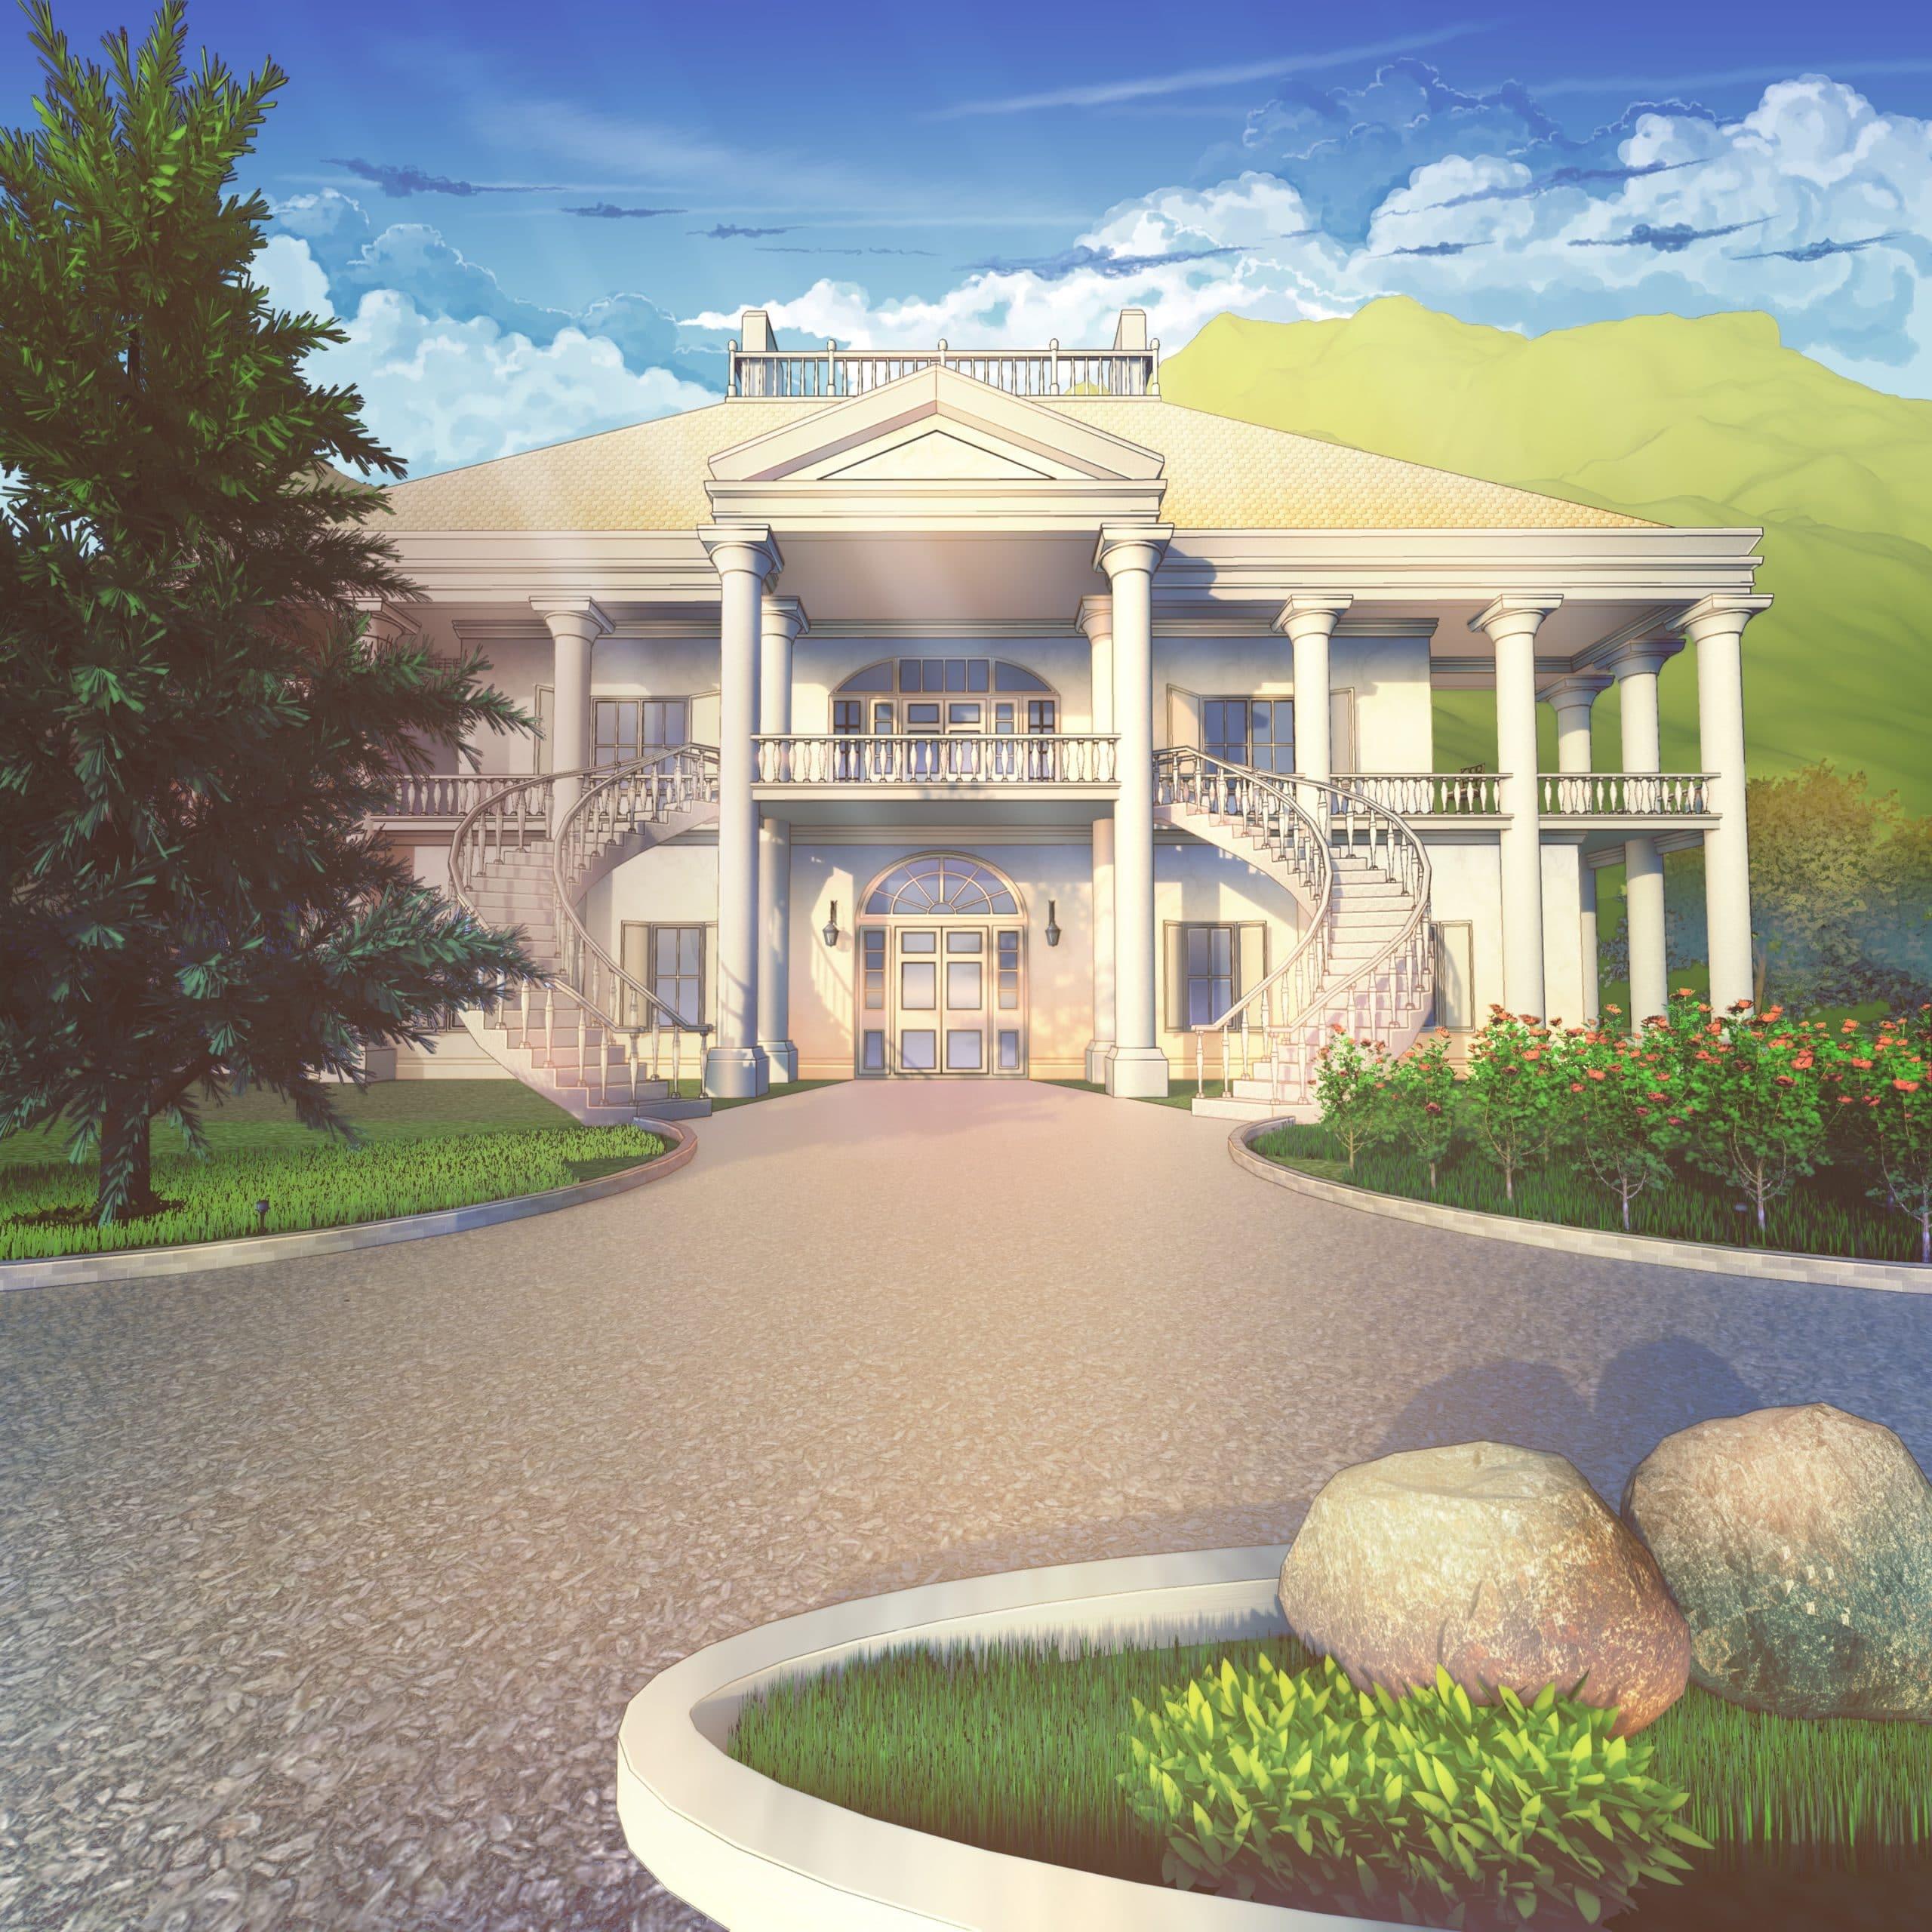 Adam personnage de Is It Love et le décor d'une villa de jour